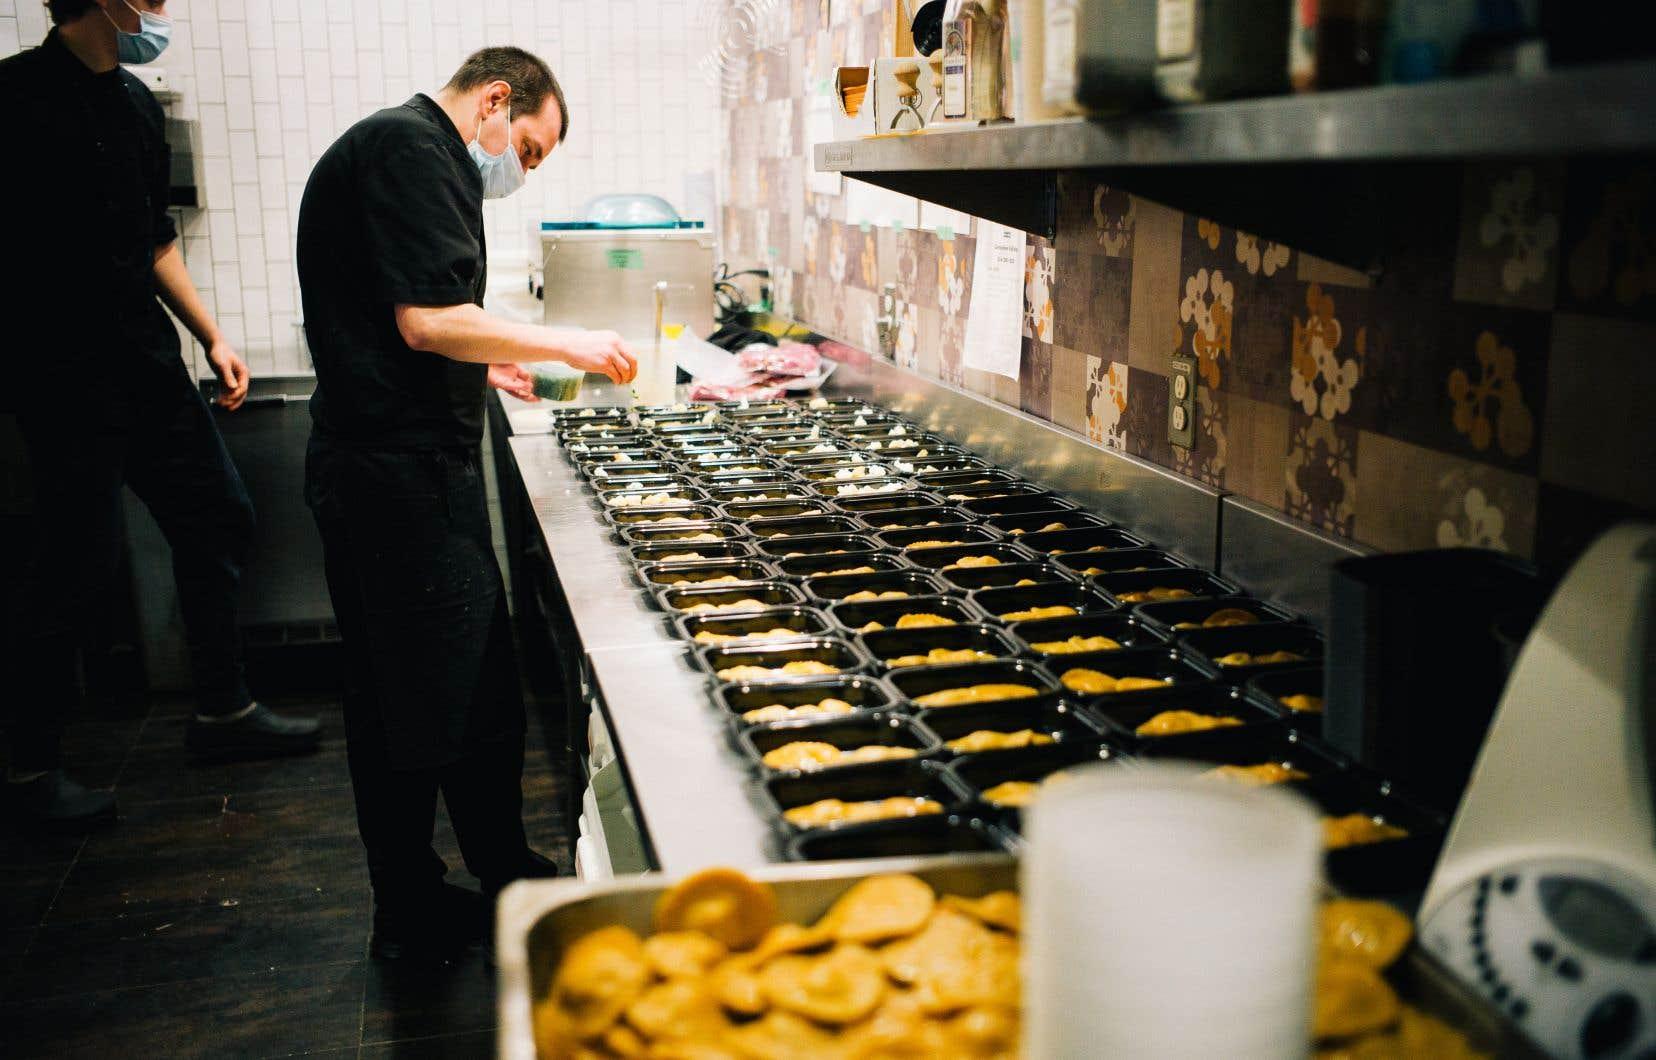 Le restaurant L'État Major sur Ontario vit une période de fin d'année frénétique. Ses commandes pour le réveillon sont presque complètes.